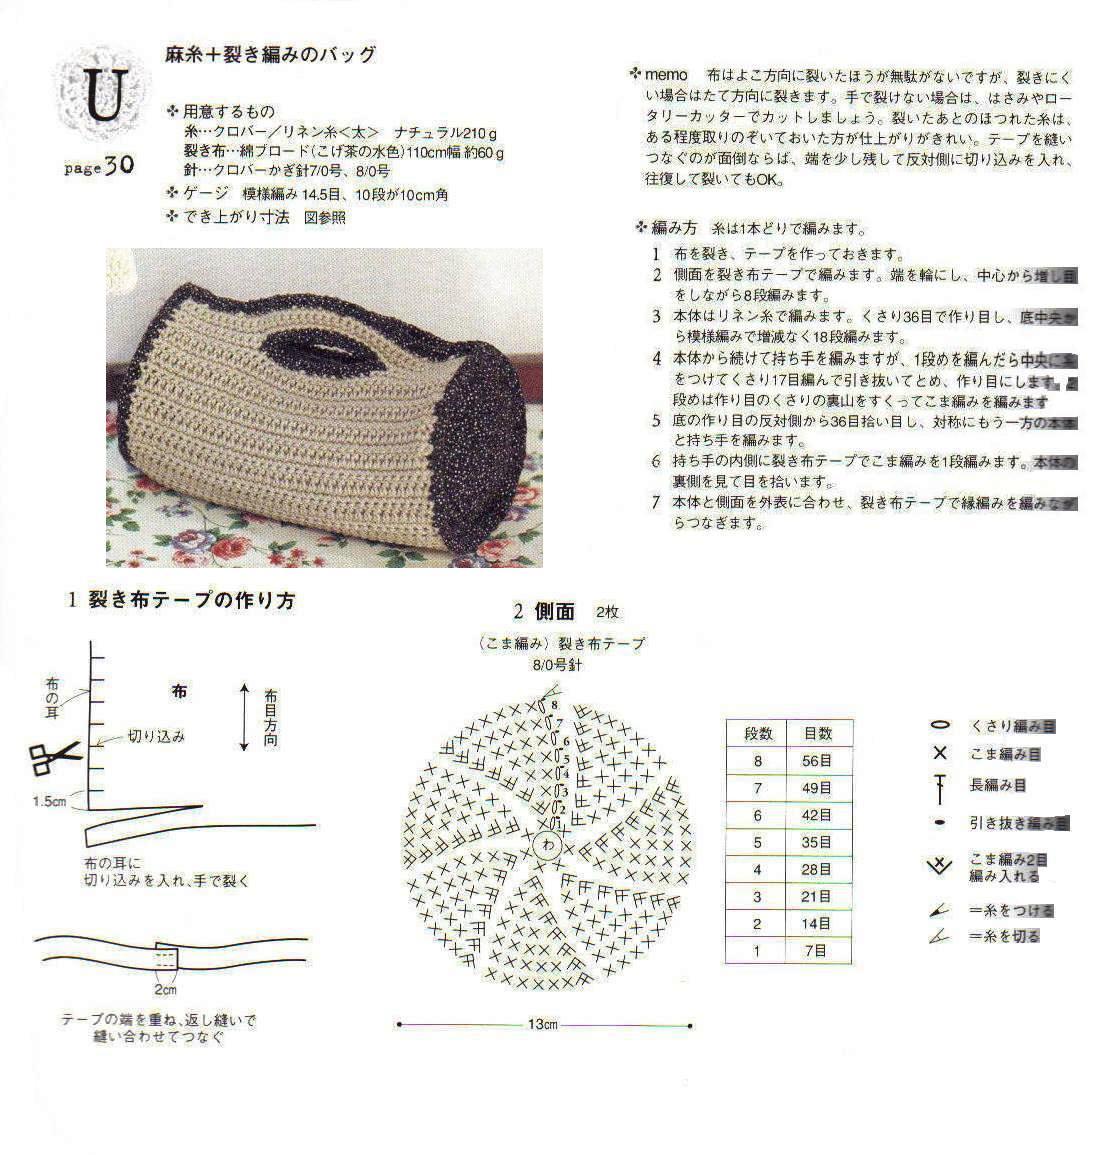 Сумка крючком как связать схемы вязания - Мой секрет